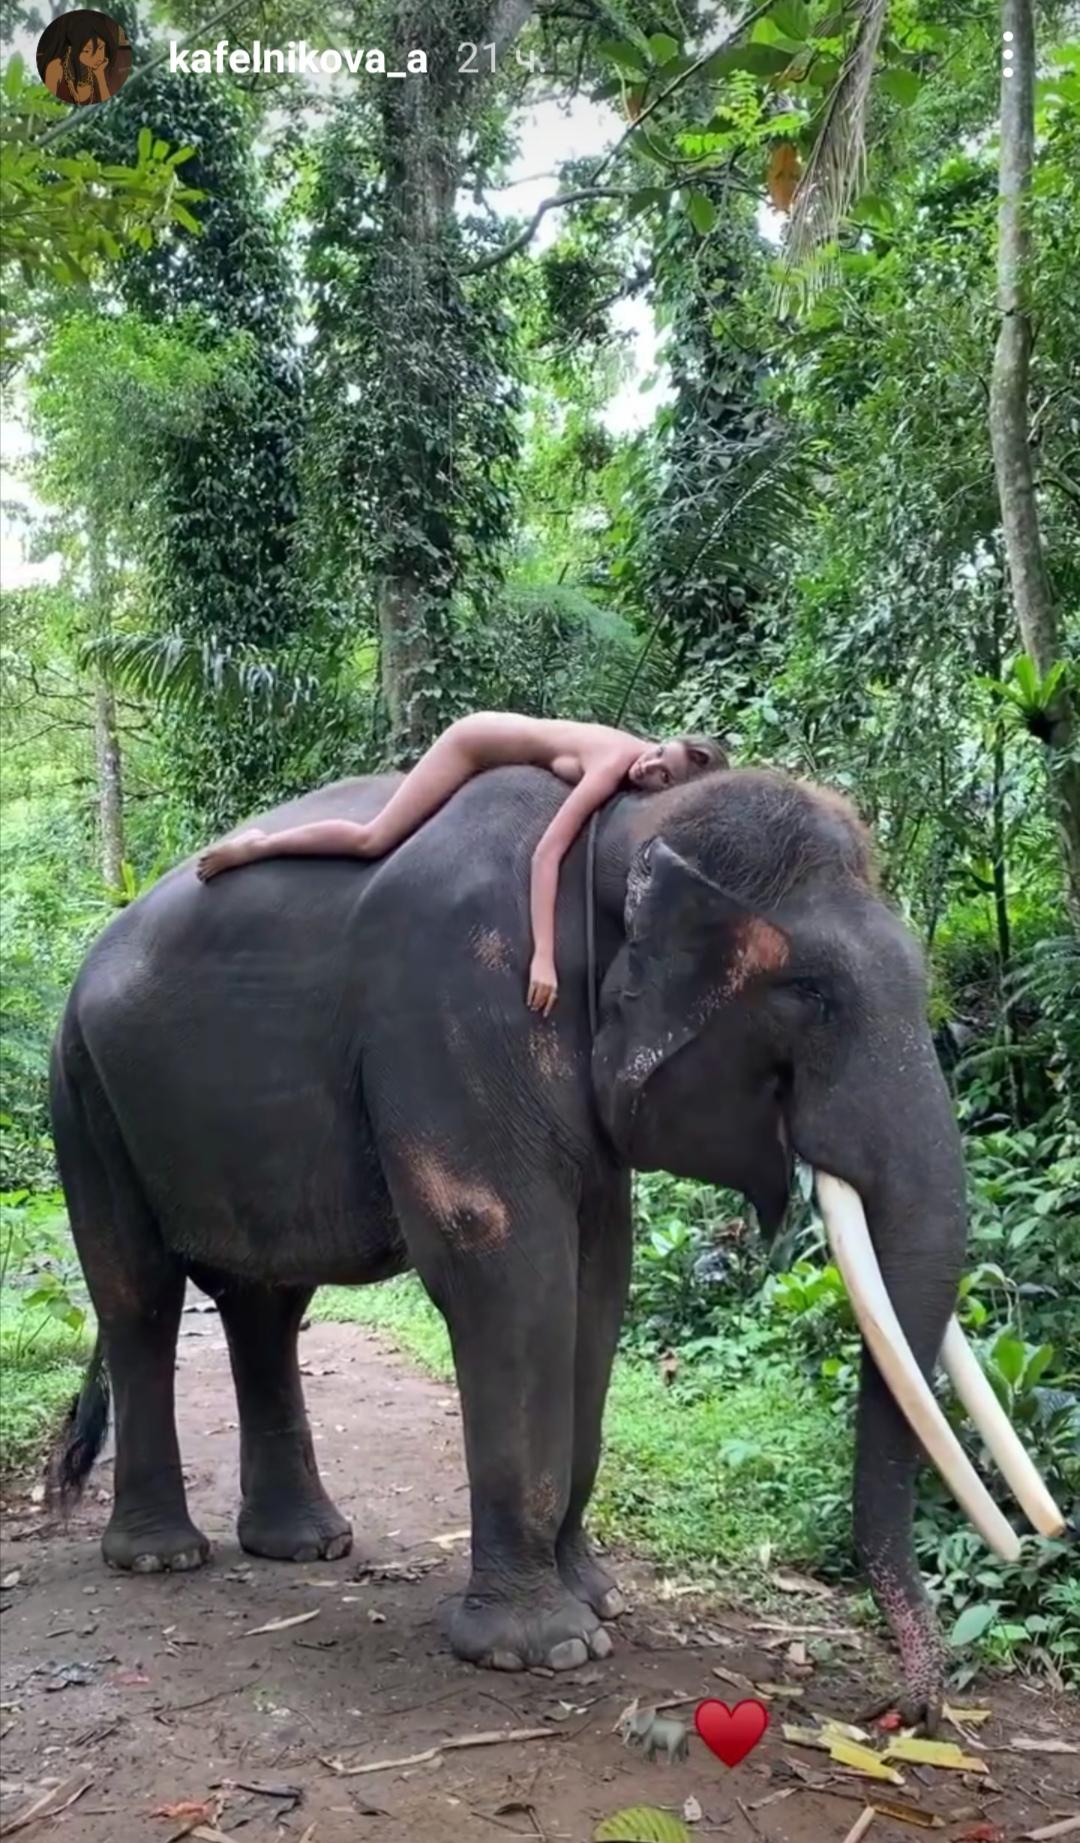 Голая Алеся Кафельникова прокатилась верхом на слоне